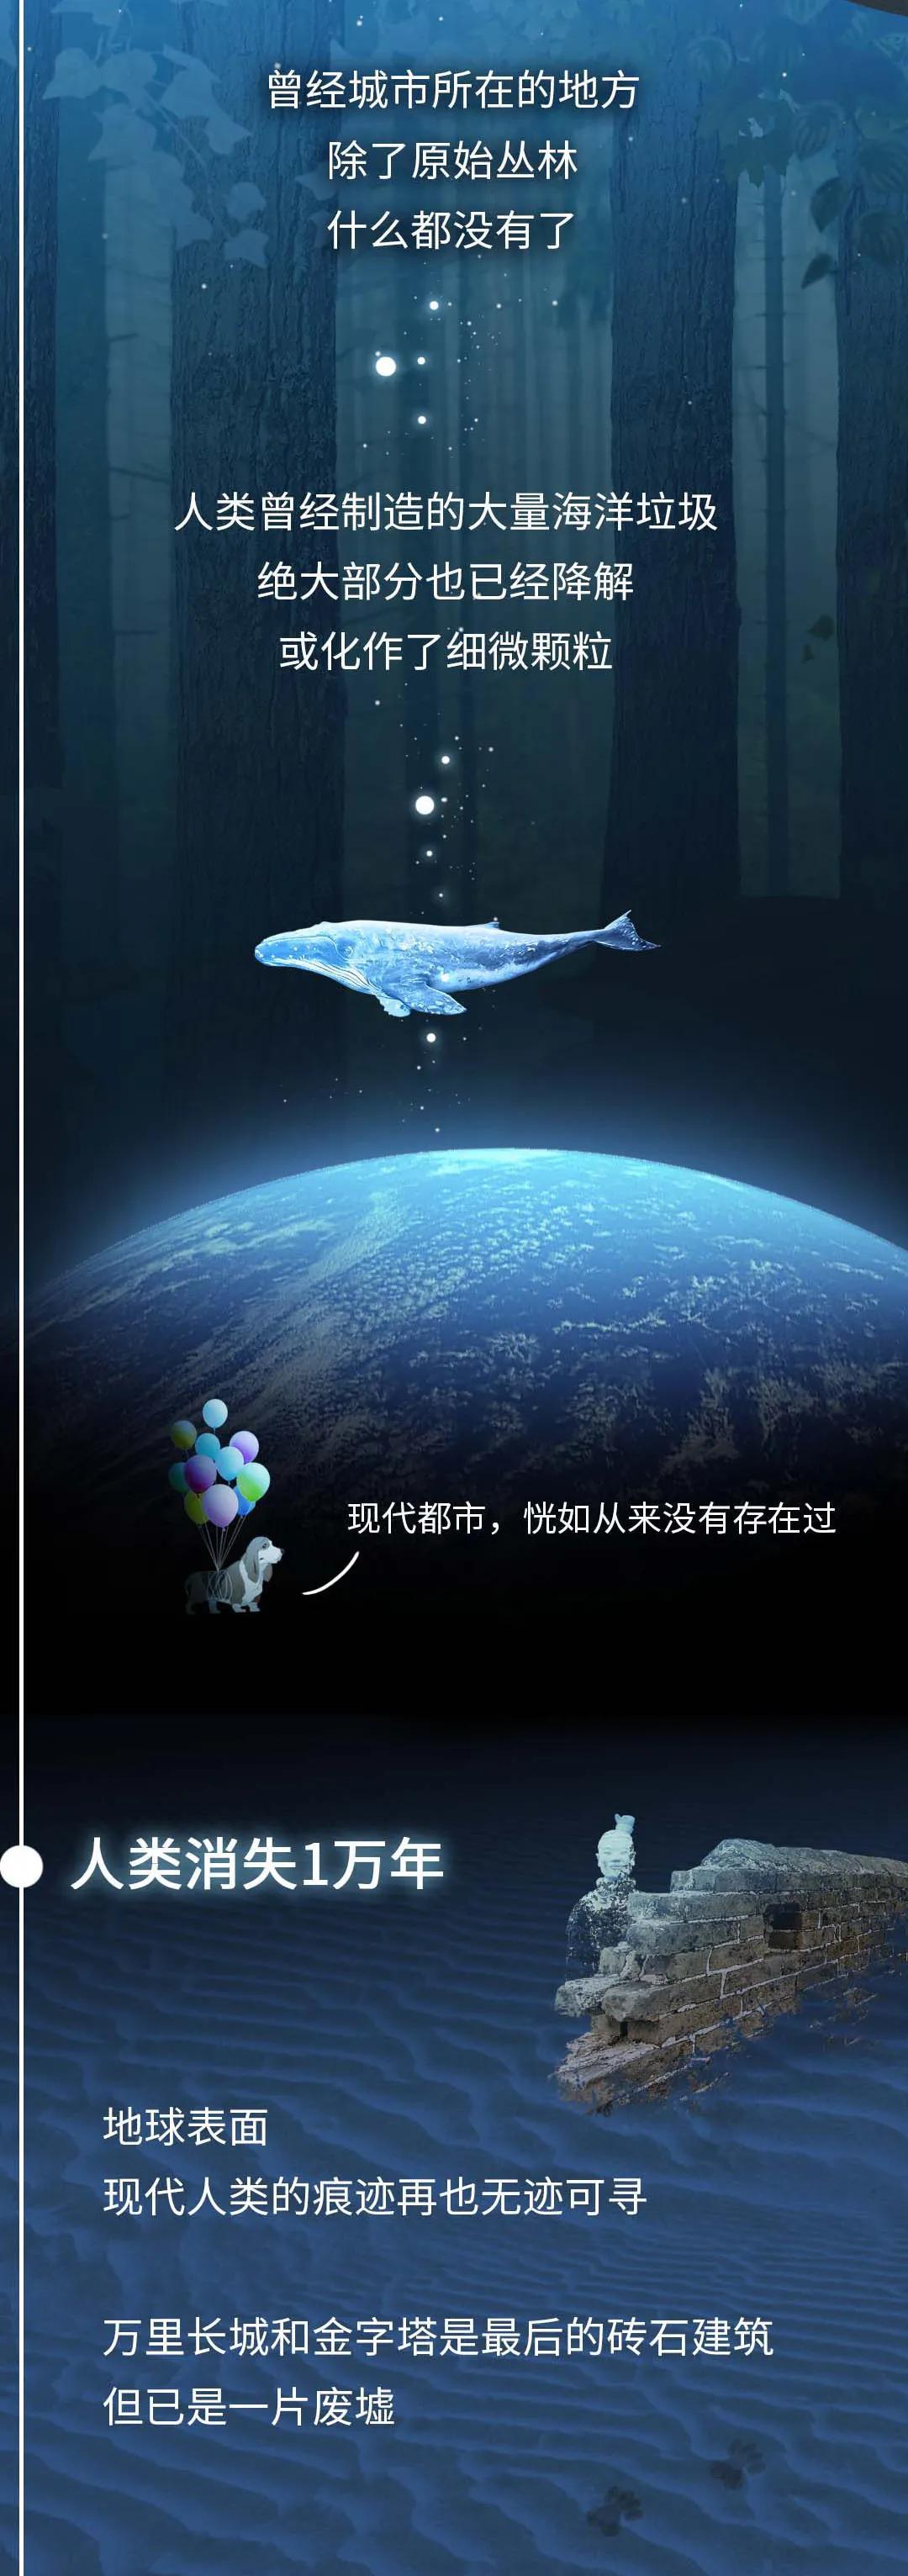 人类突然消失之后,世界会变成什么样子?